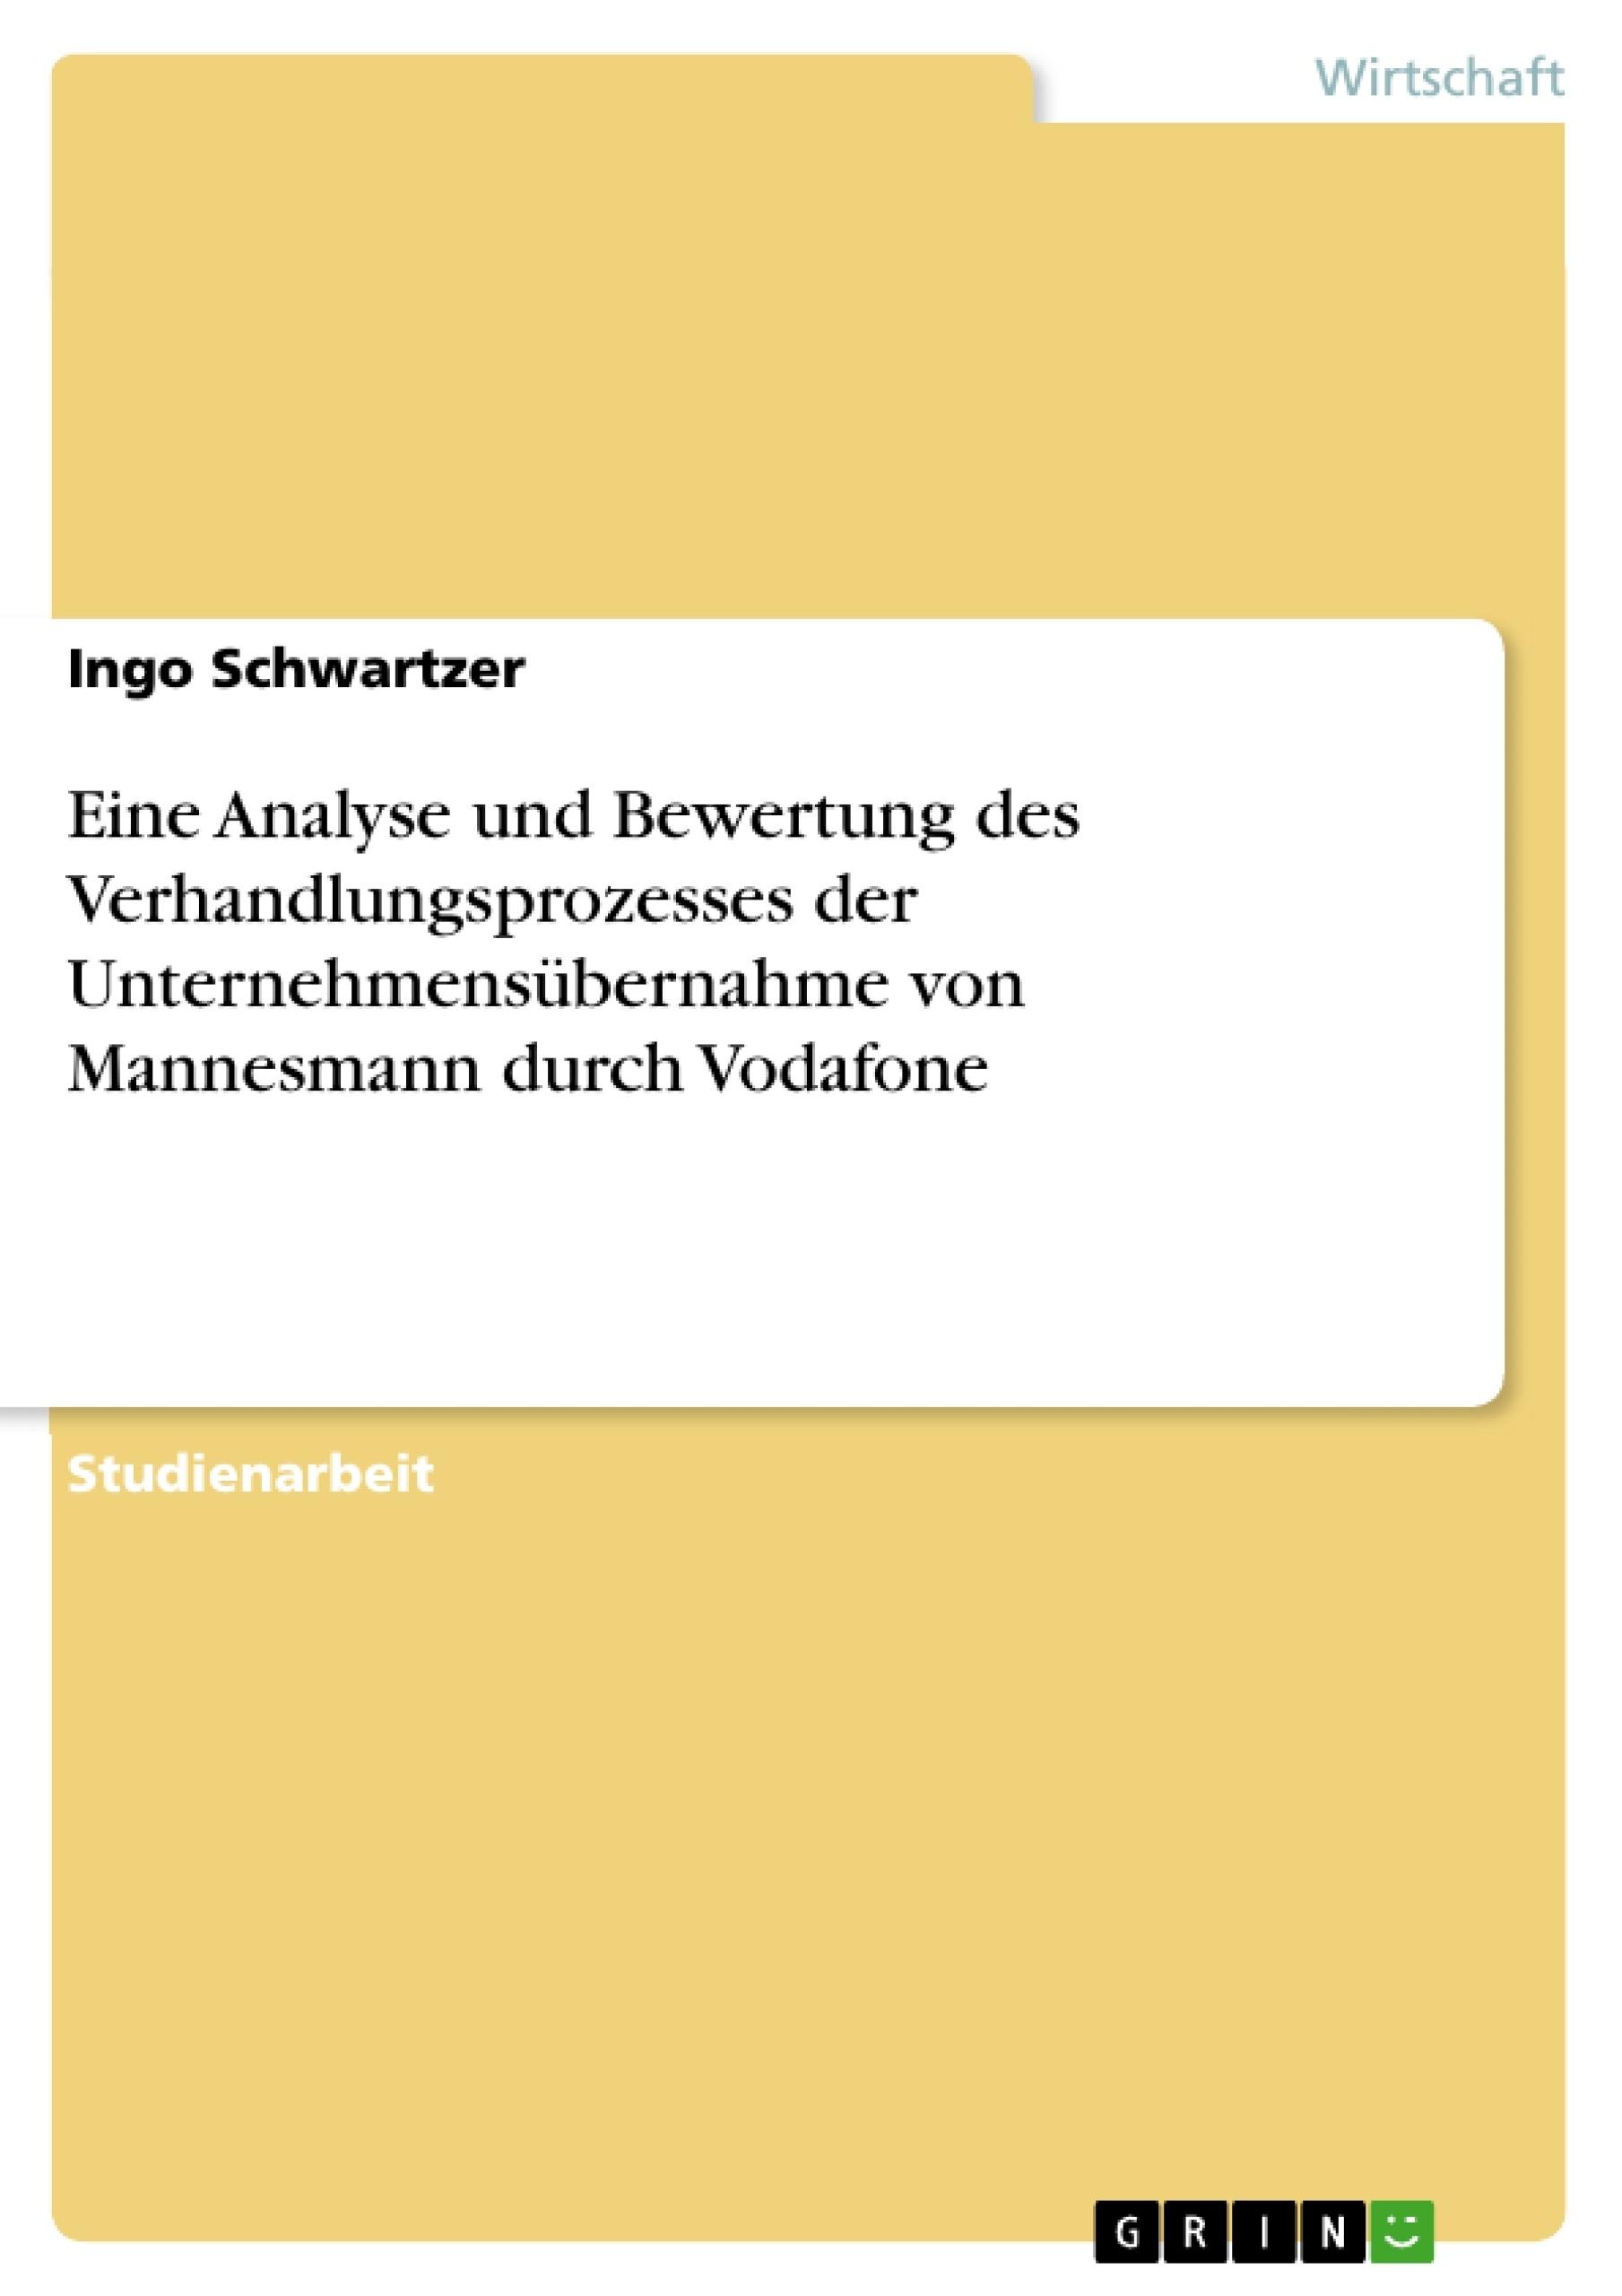 Titel: Eine Analyse und Bewertung des Verhandlungsprozesses der Unternehmensübernahme von Mannesmann durch Vodafone